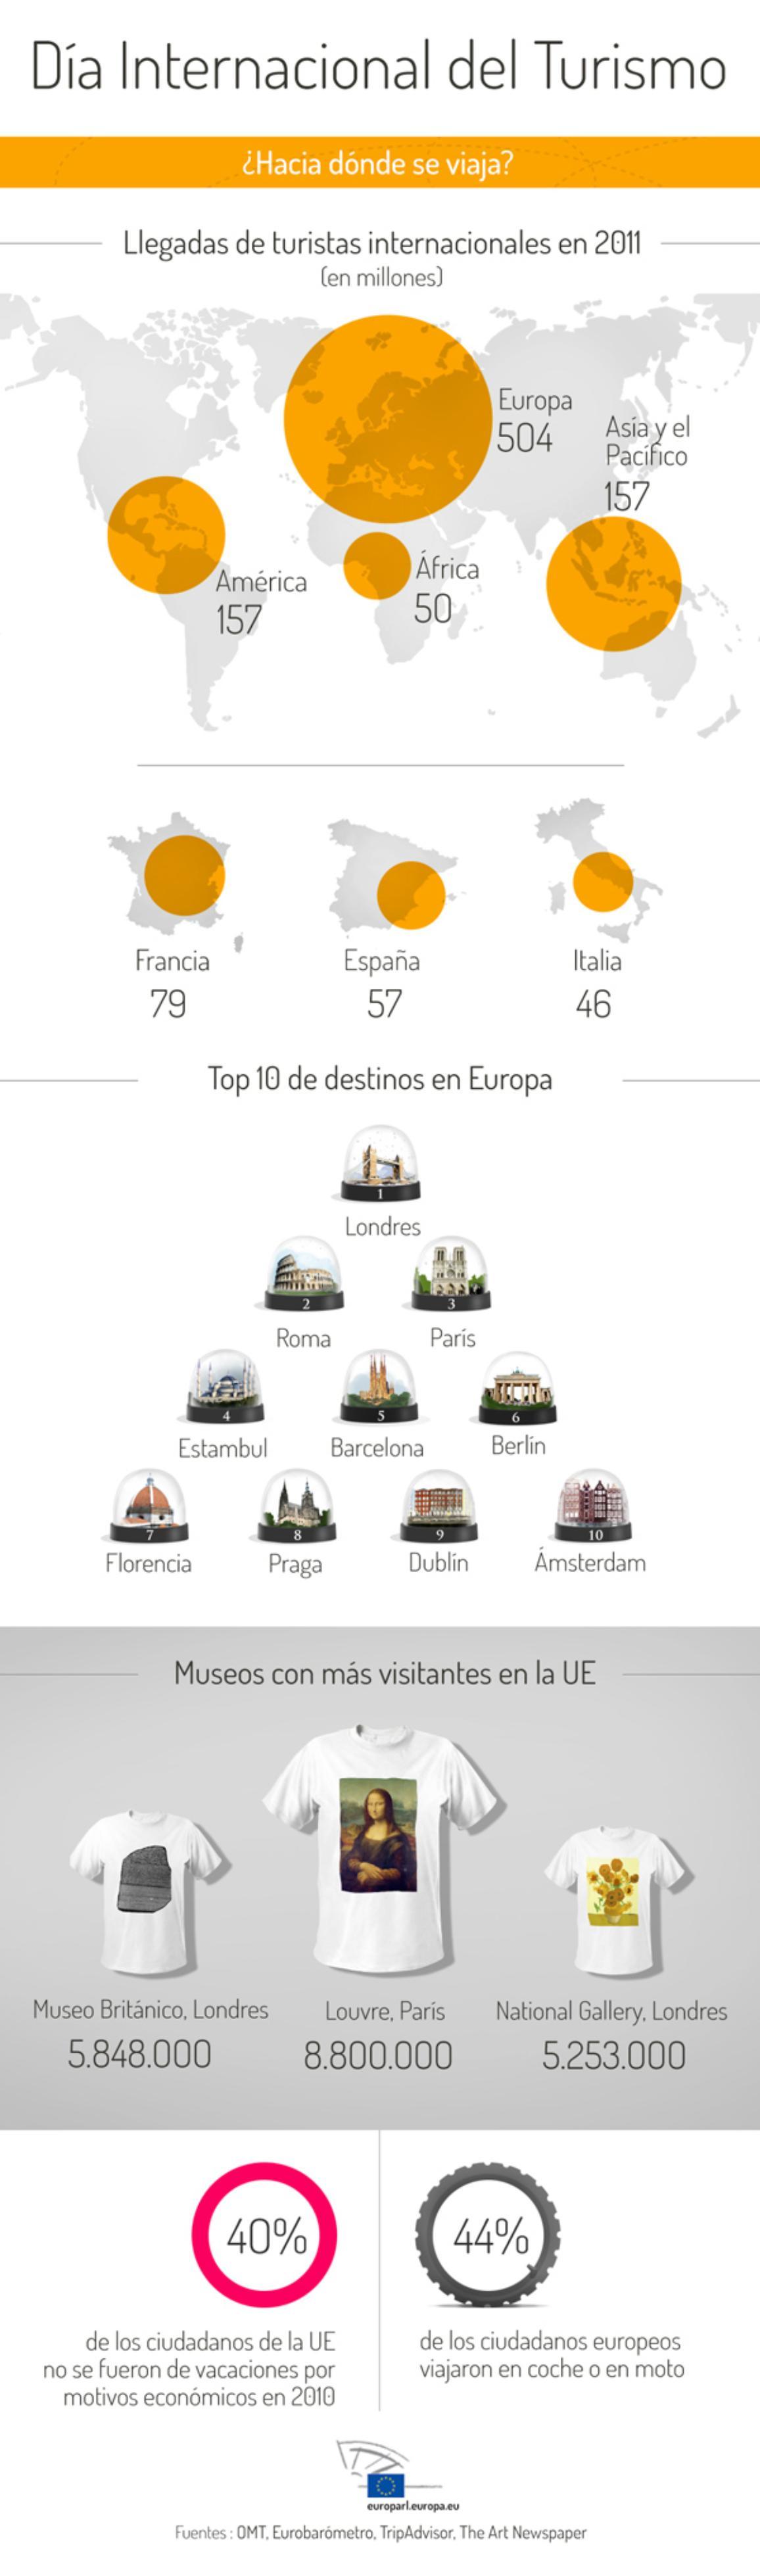 Infografía sobre turismo en la UE